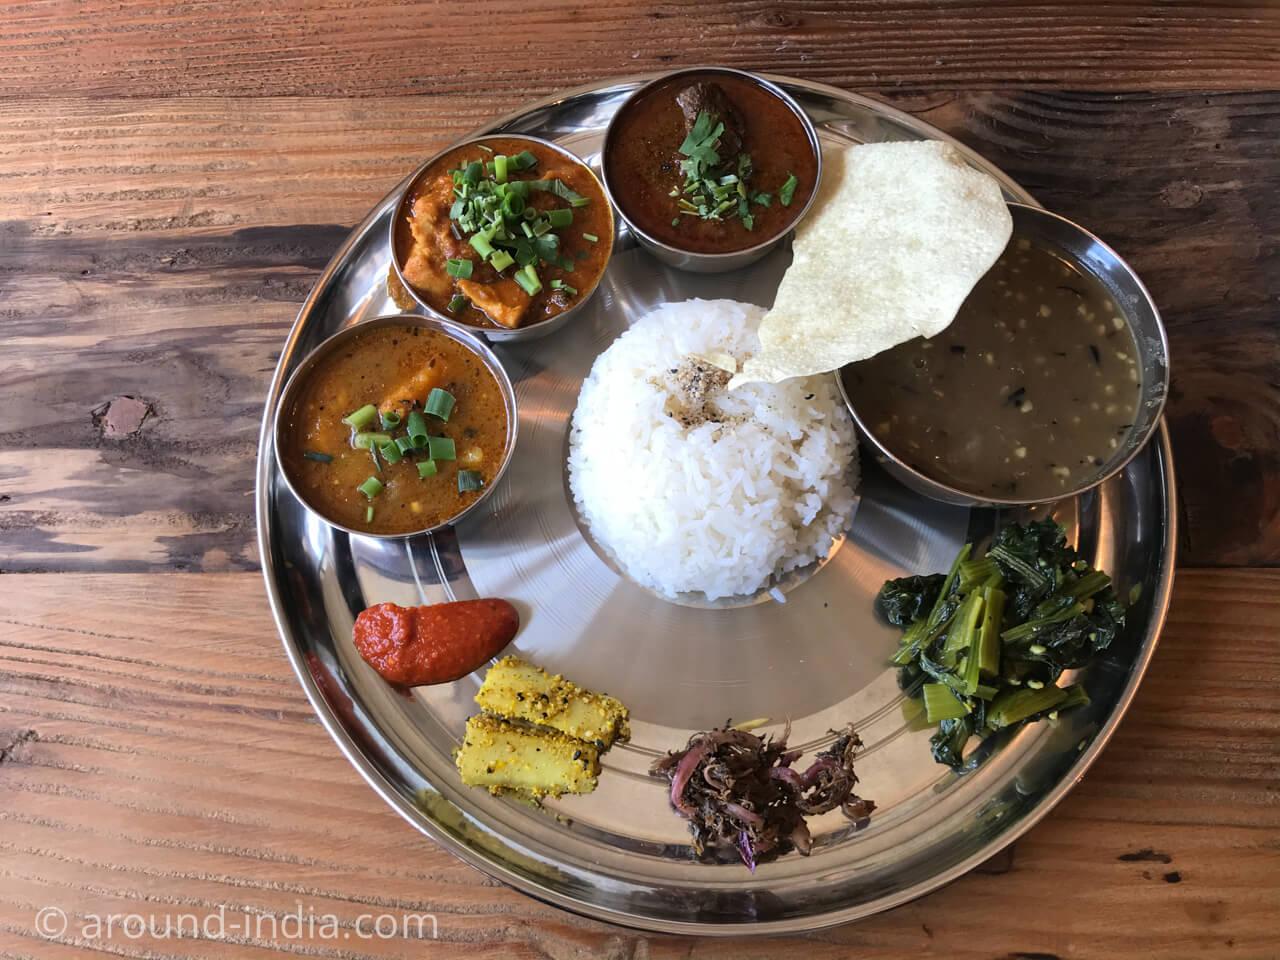 鎌倉のネパール料理屋さんjijicoの定食